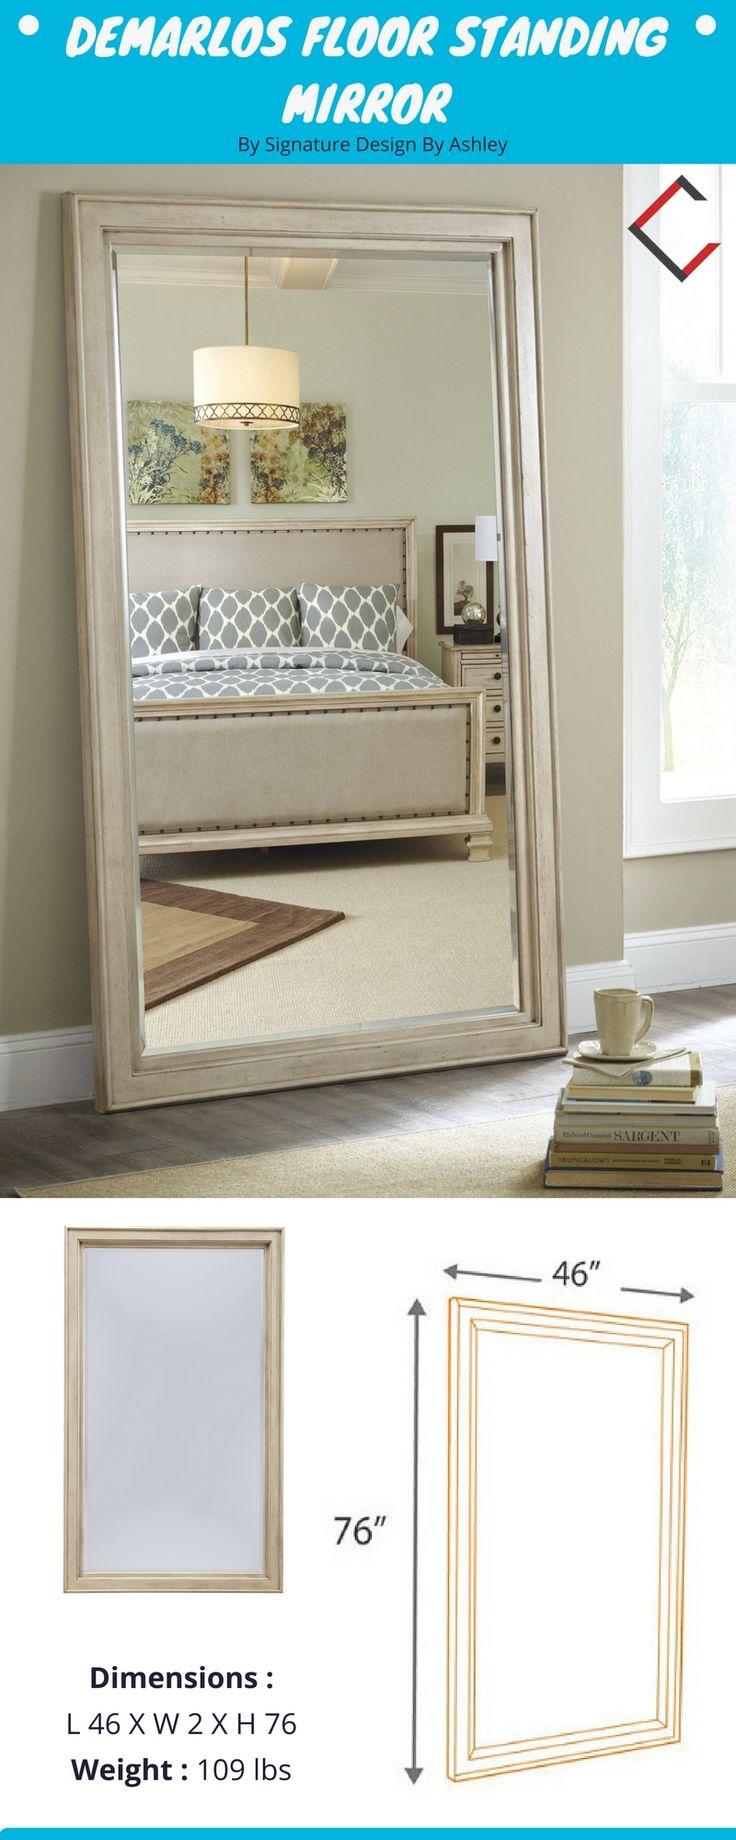 Demarlos Parchment White Wood Floor Standing Mirror